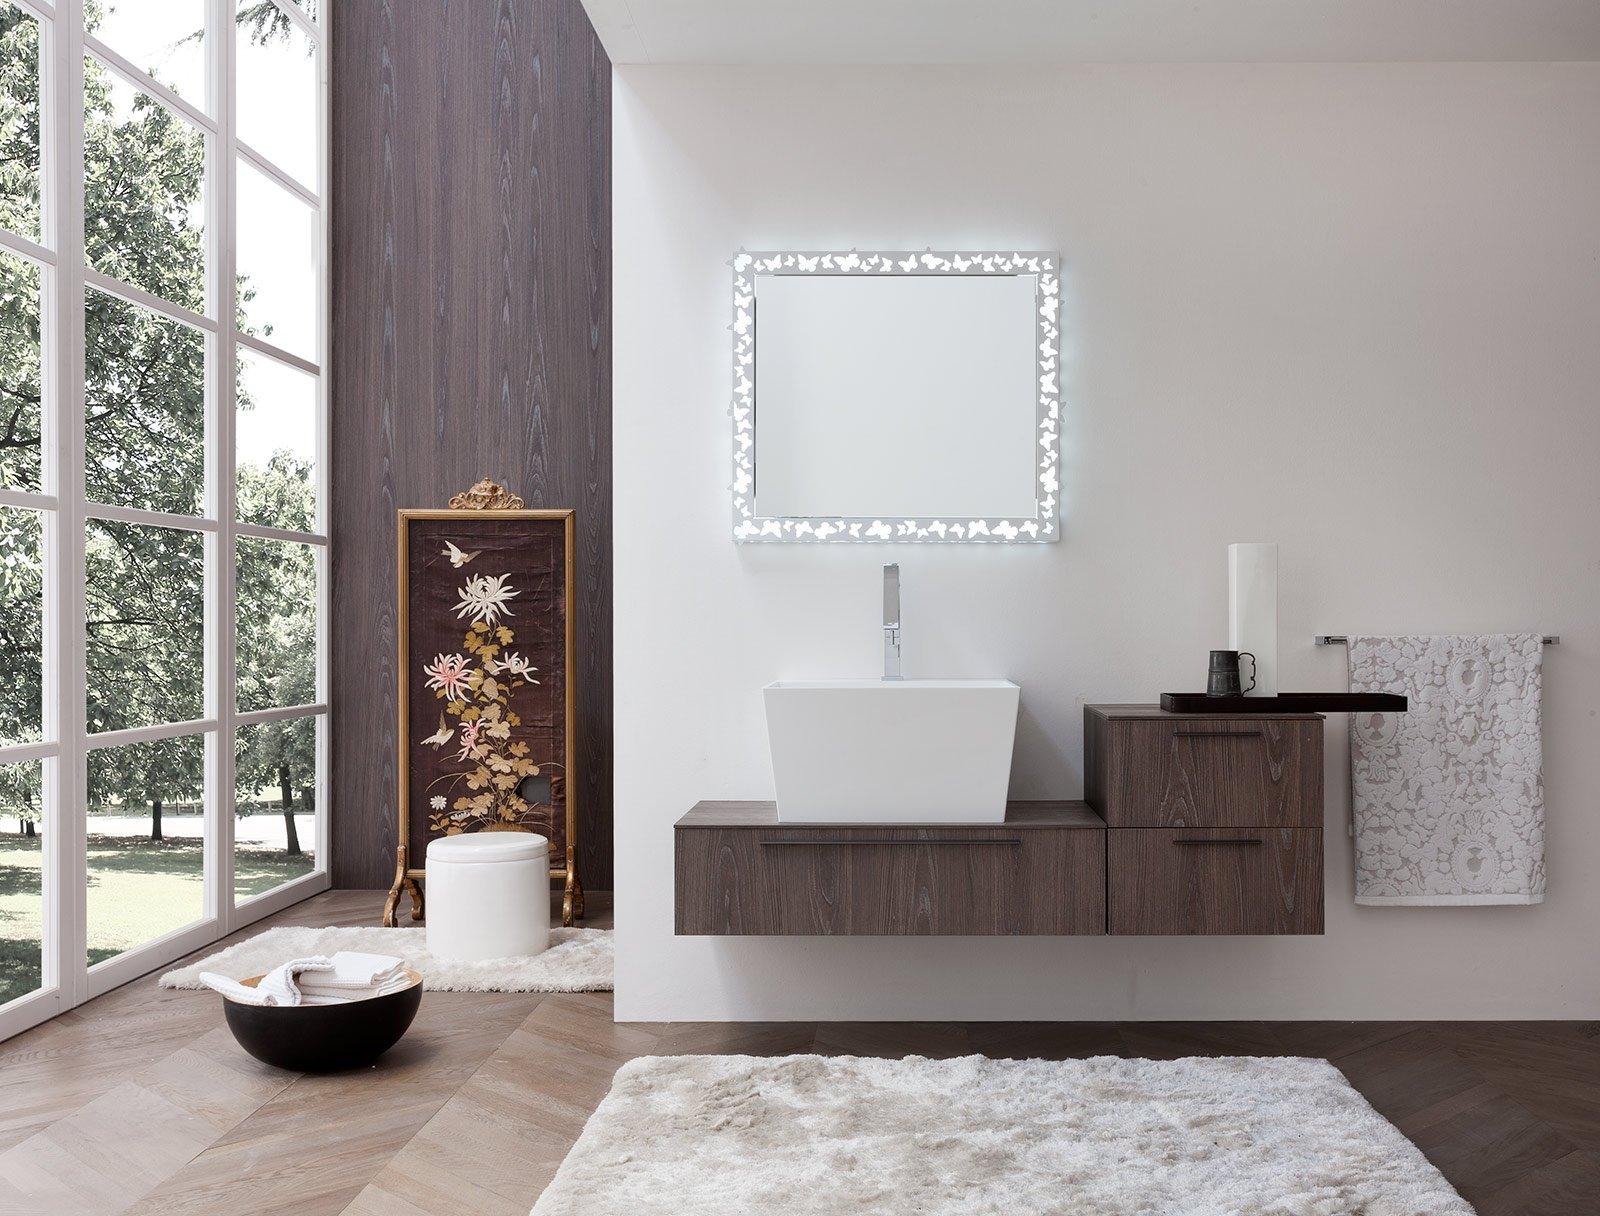 lo specchio fly di archeda realizzato in metallo verniciato bianco opaco e ha illuminazione interna